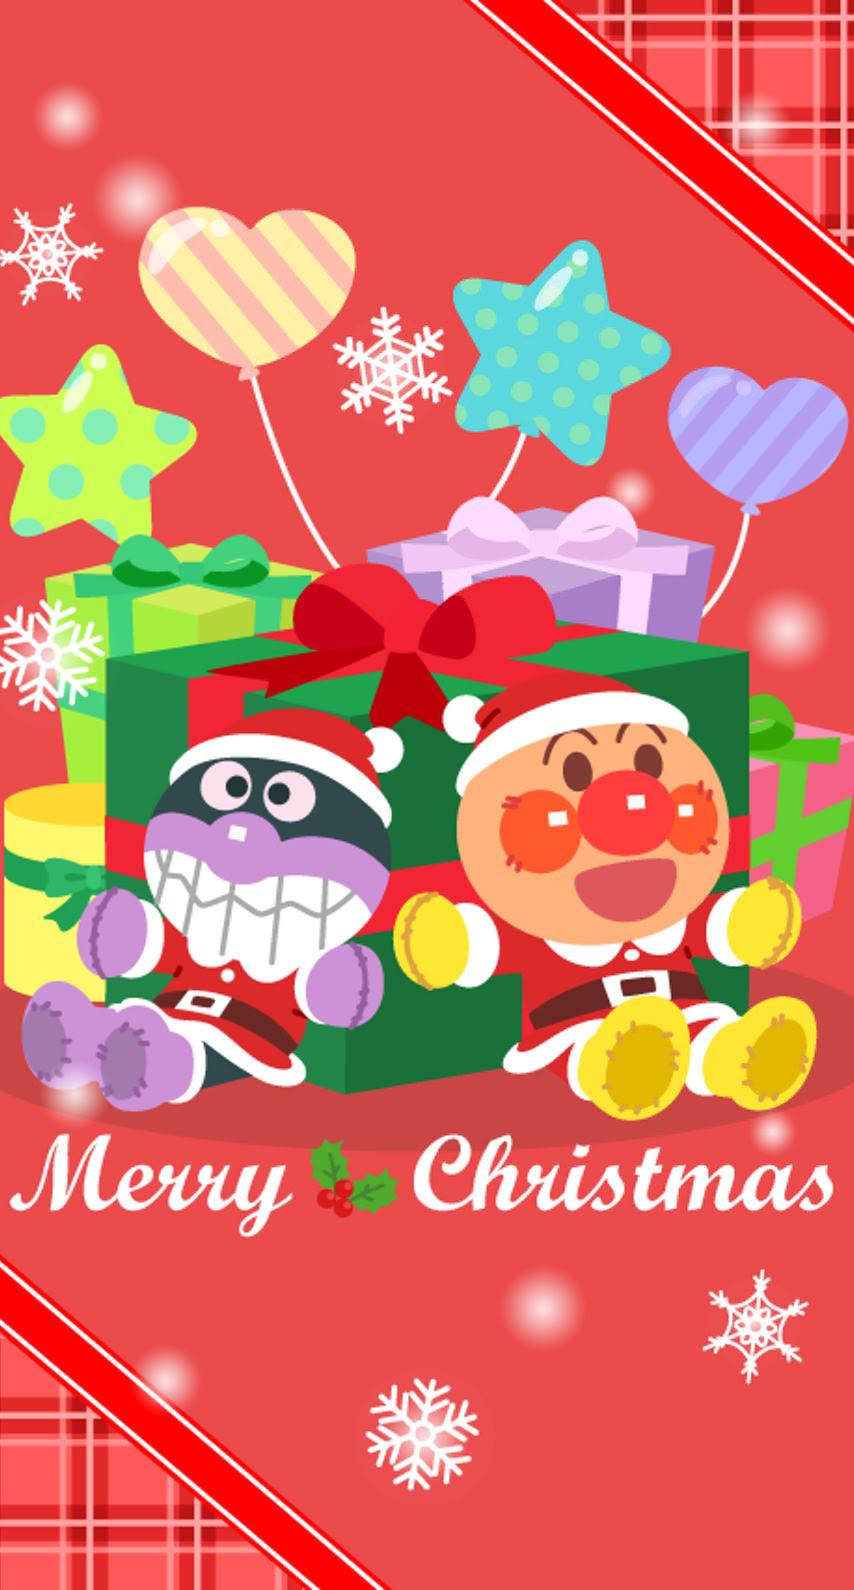 アンパンマンのクリスマス めちゃ人気 Iphone壁紙dj